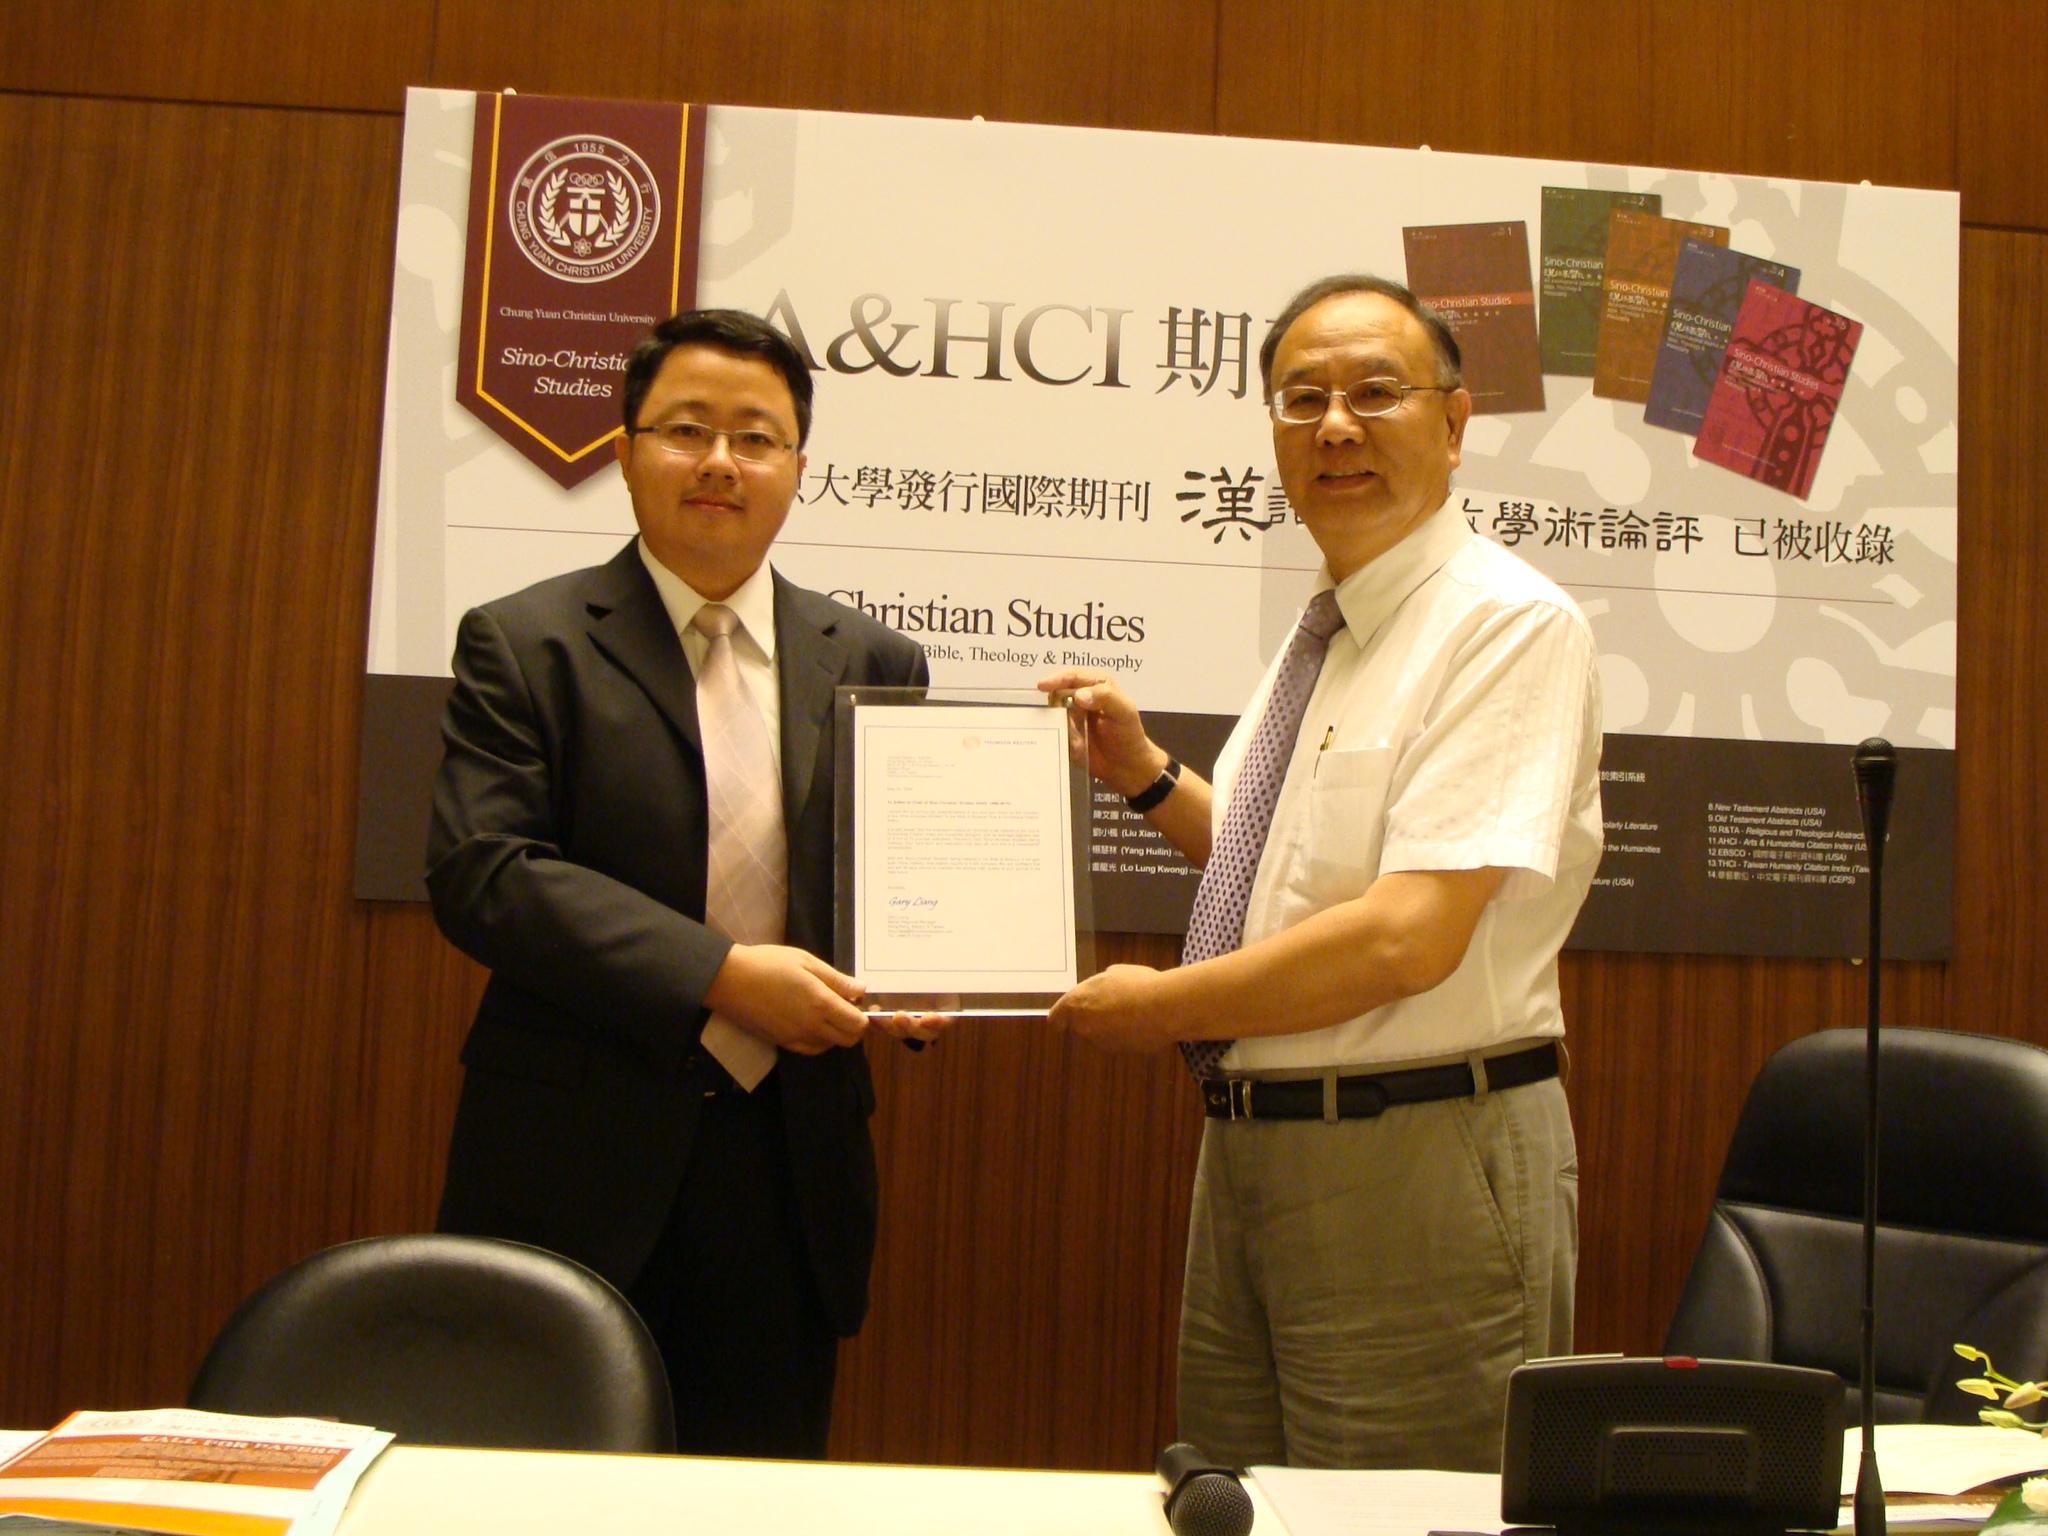 中原大學《漢語基督教學術論評》 國內大學唯一A&HCI期刊